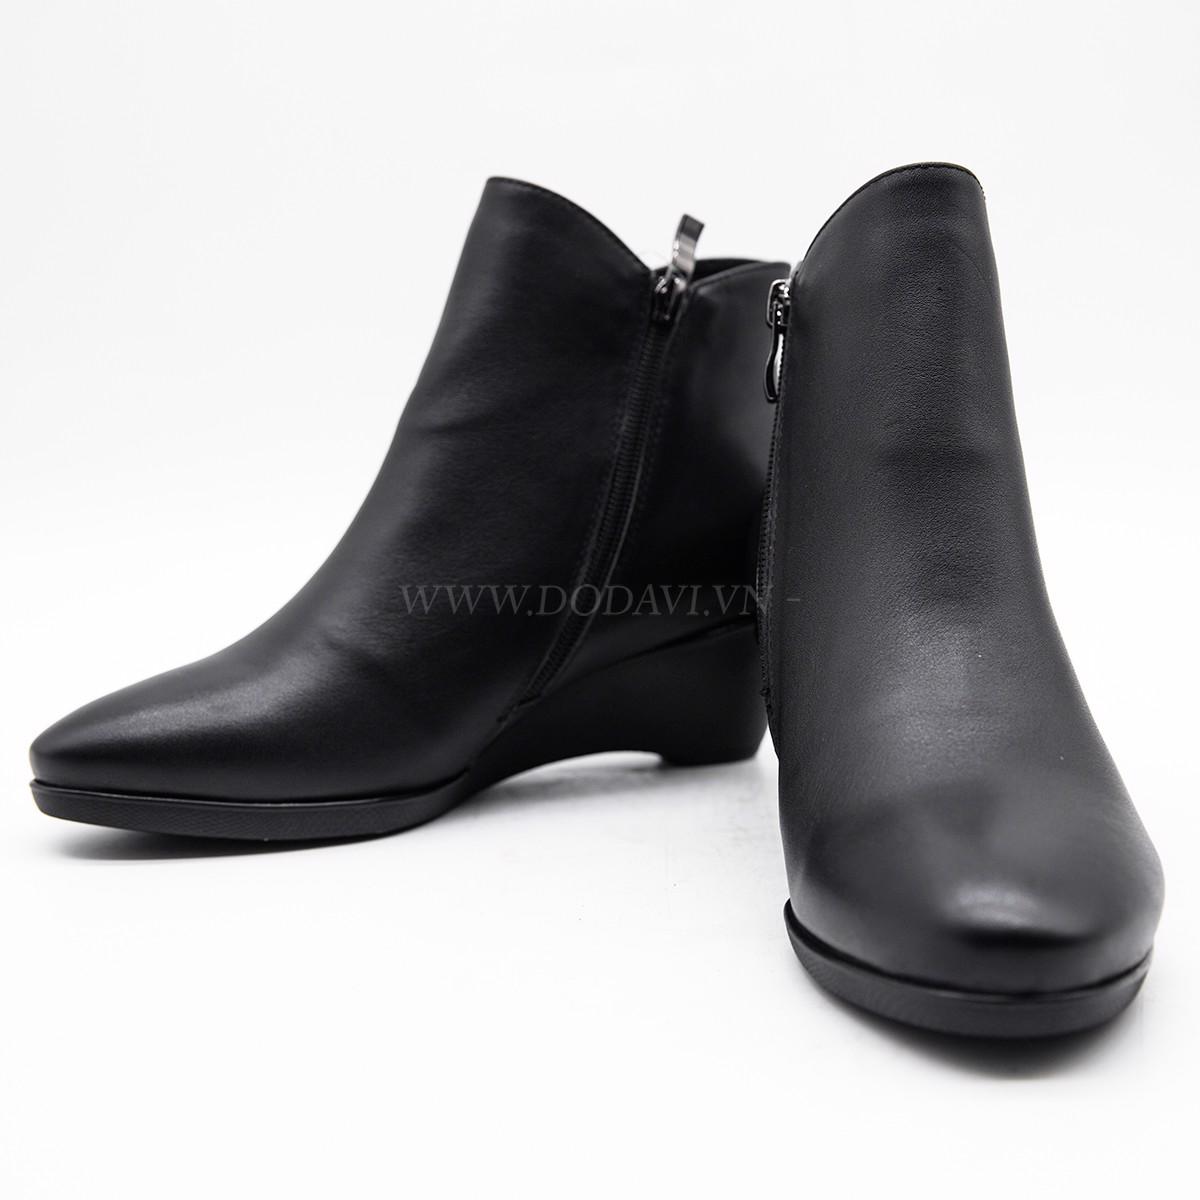 Boot da nữ cổ thấp 3619-2